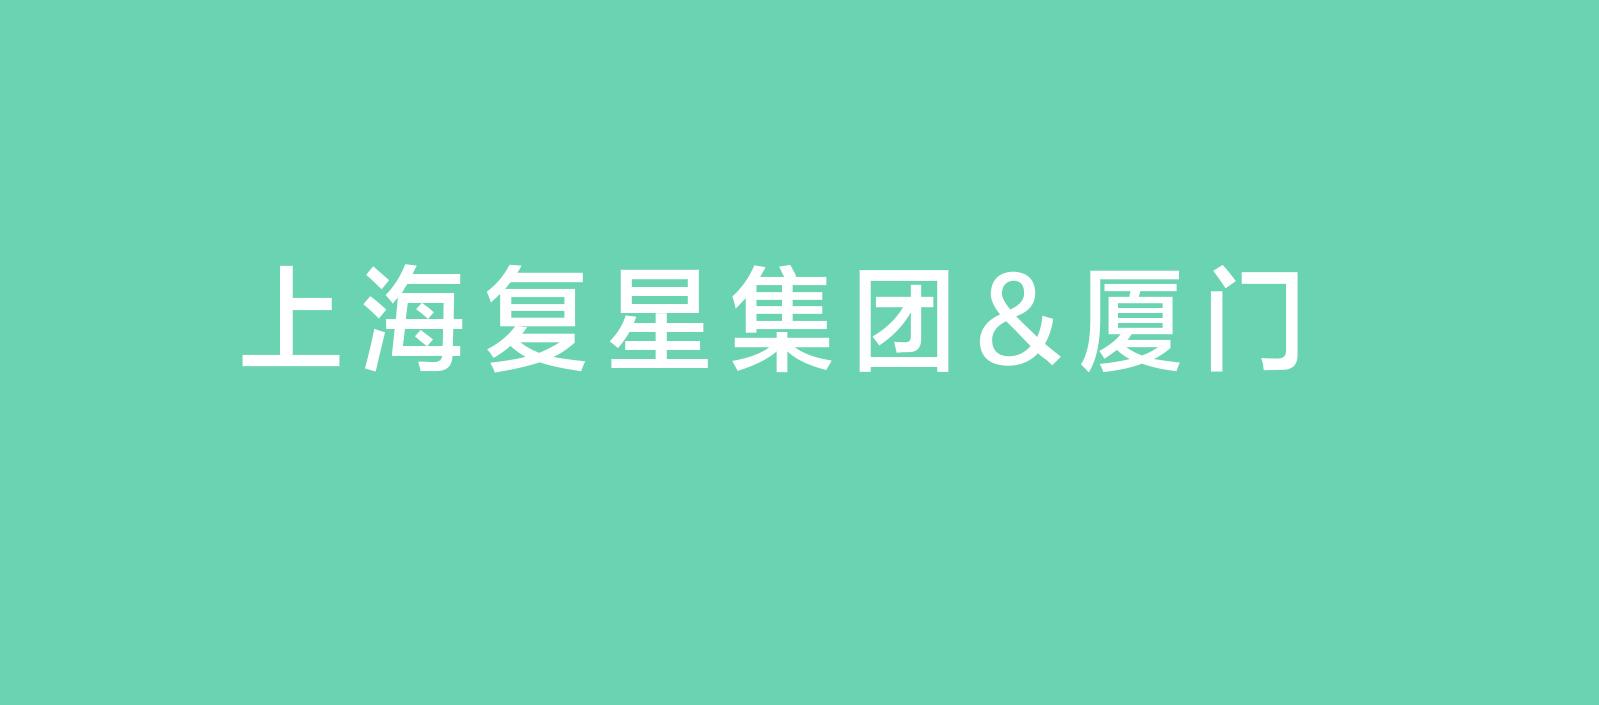 上海复星集团拟在厦门集美区建造集电子竞技与总部经济于一体的产业综合体项目